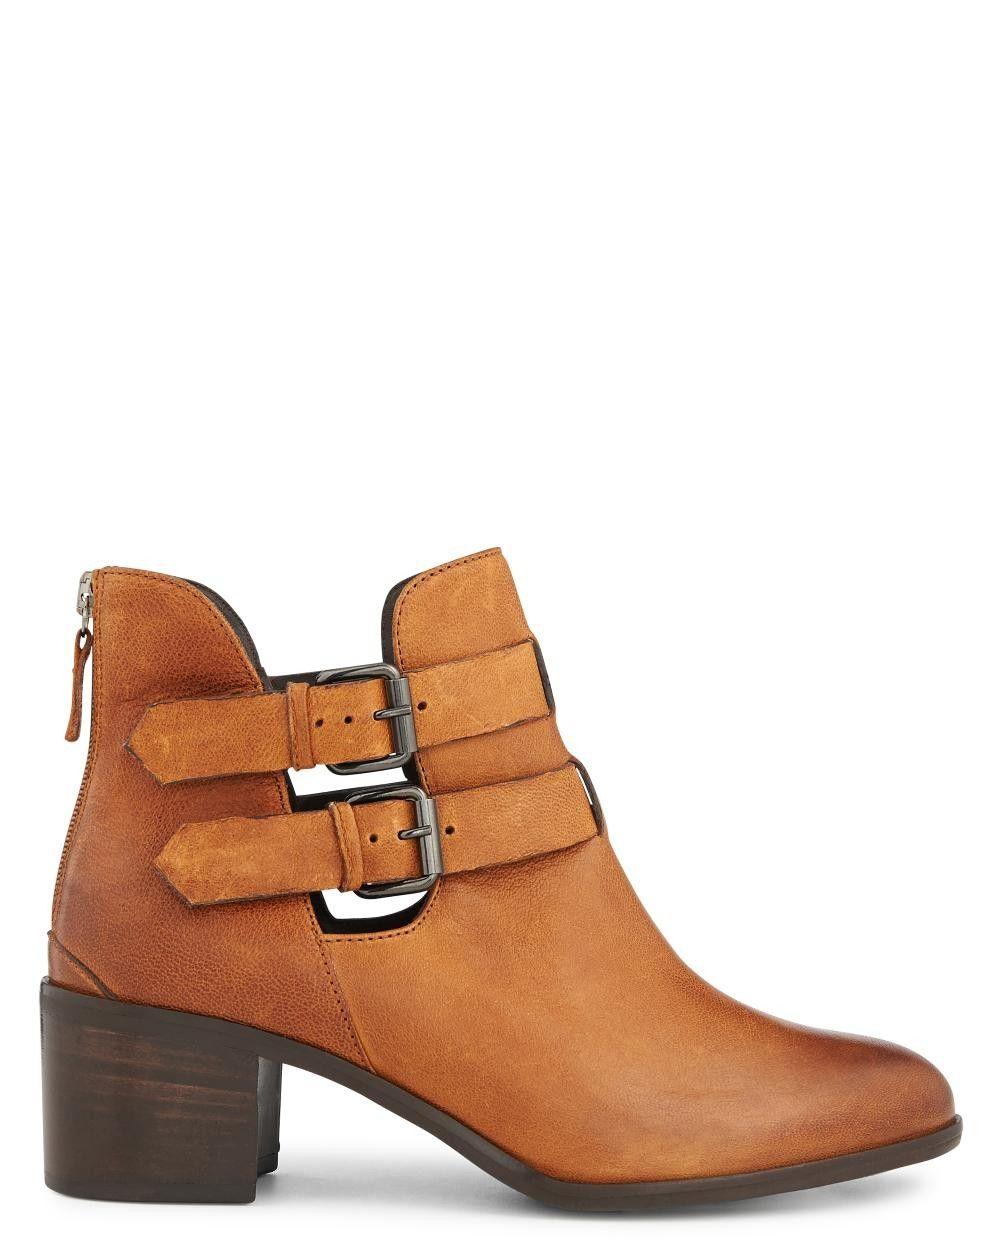 boots femme minelli | pas à pas | pinterest | boots femme, minelli